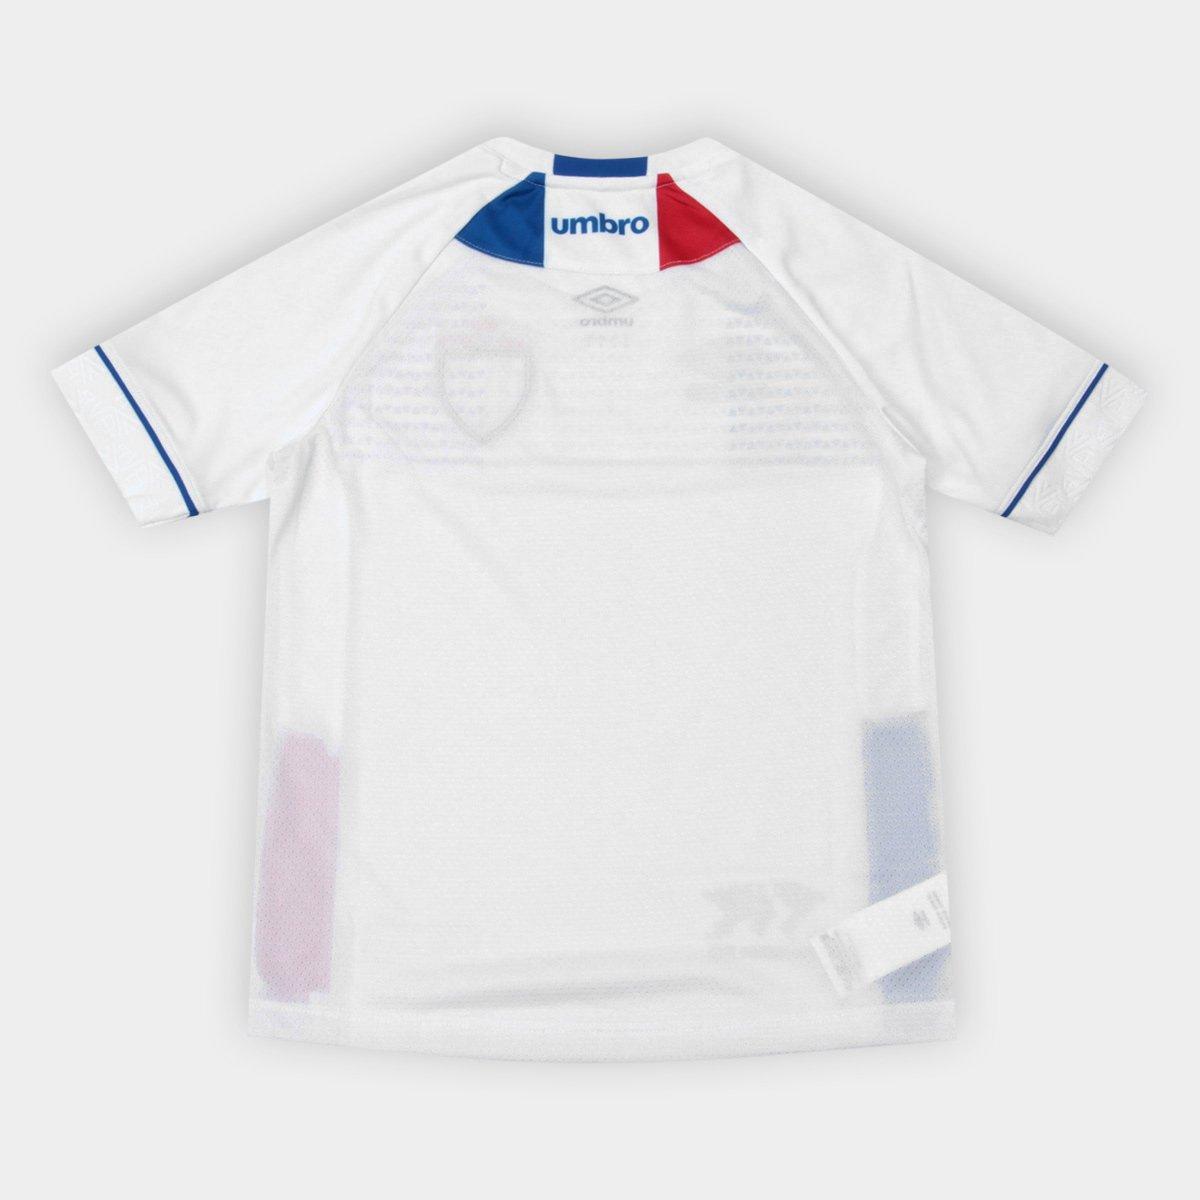 2018 n° Umbro Camisa Branco II Infantil e Azul Lion Avaí s Bleu Infantil Torcedor qUWtXnTW